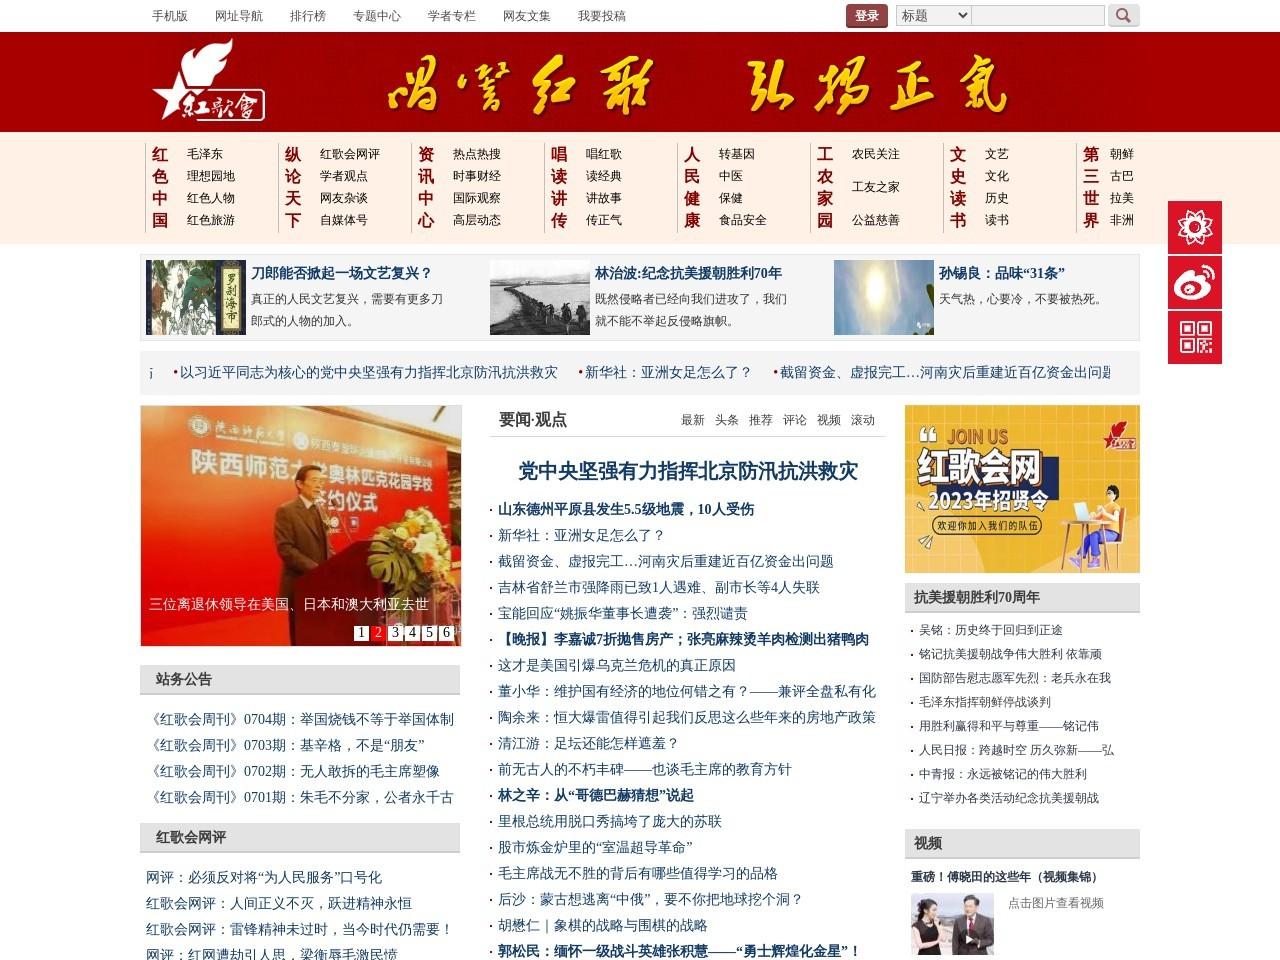 十年不见赵本山 - 网友杂谈 - 红歌会网